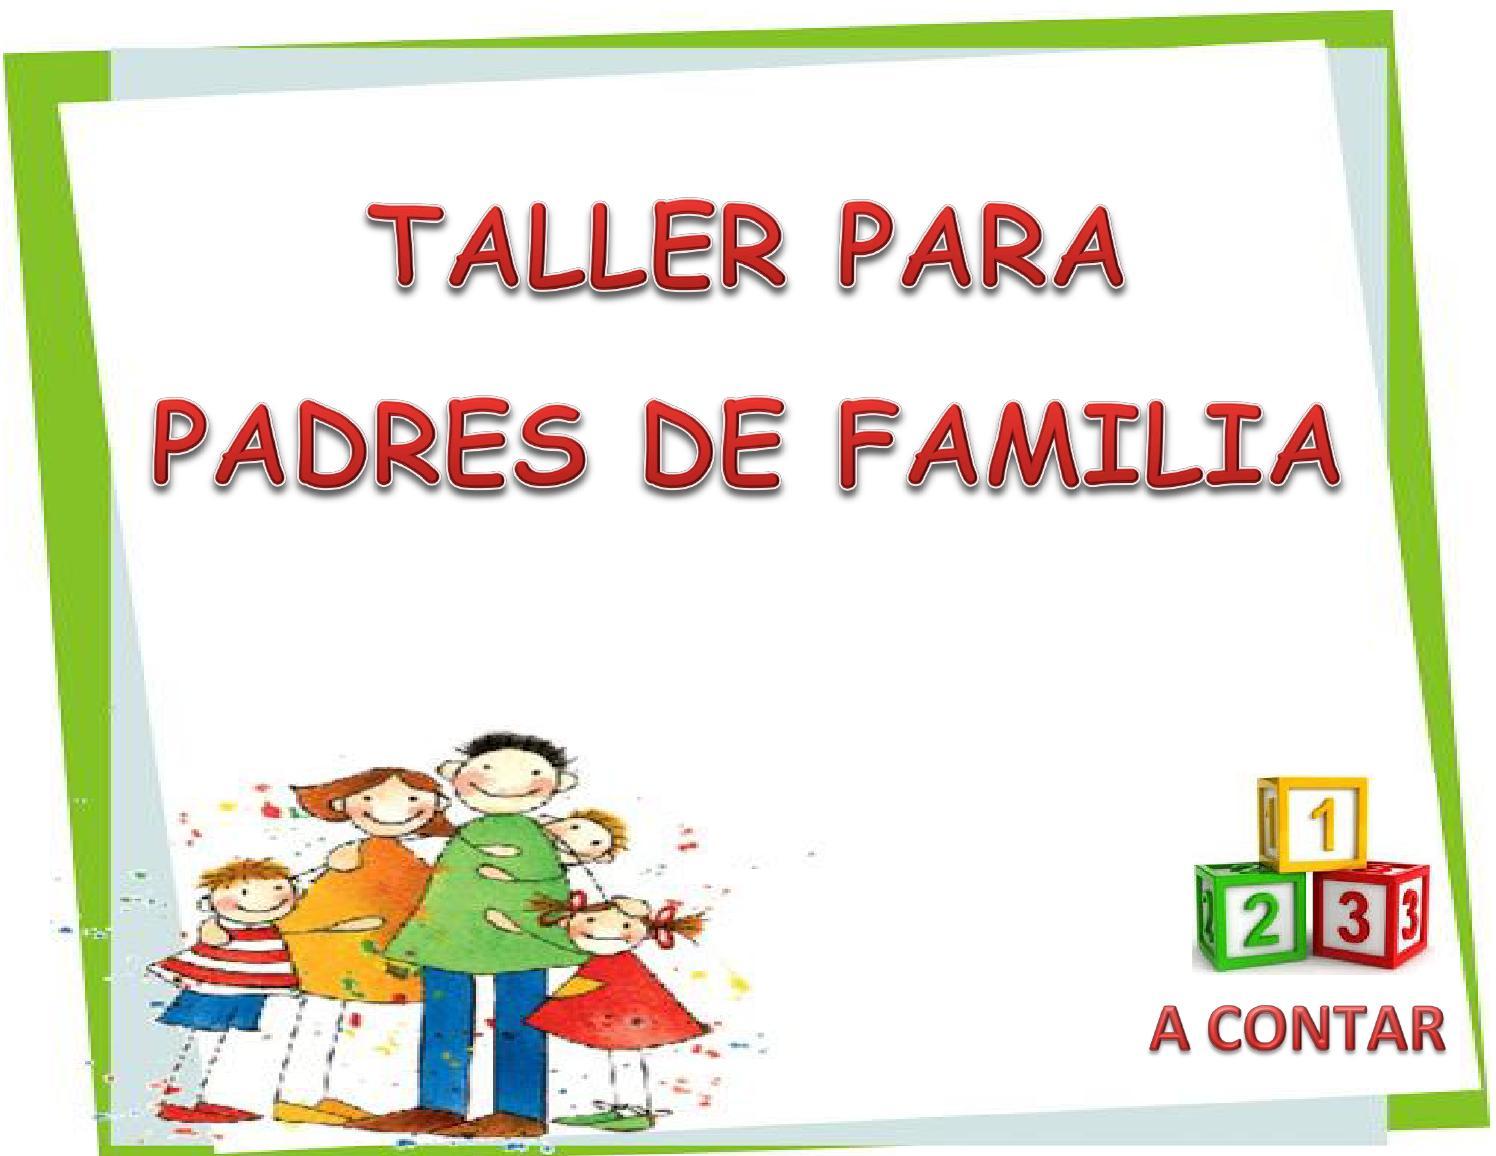 Taller para padres de familia by bmedina - issuu